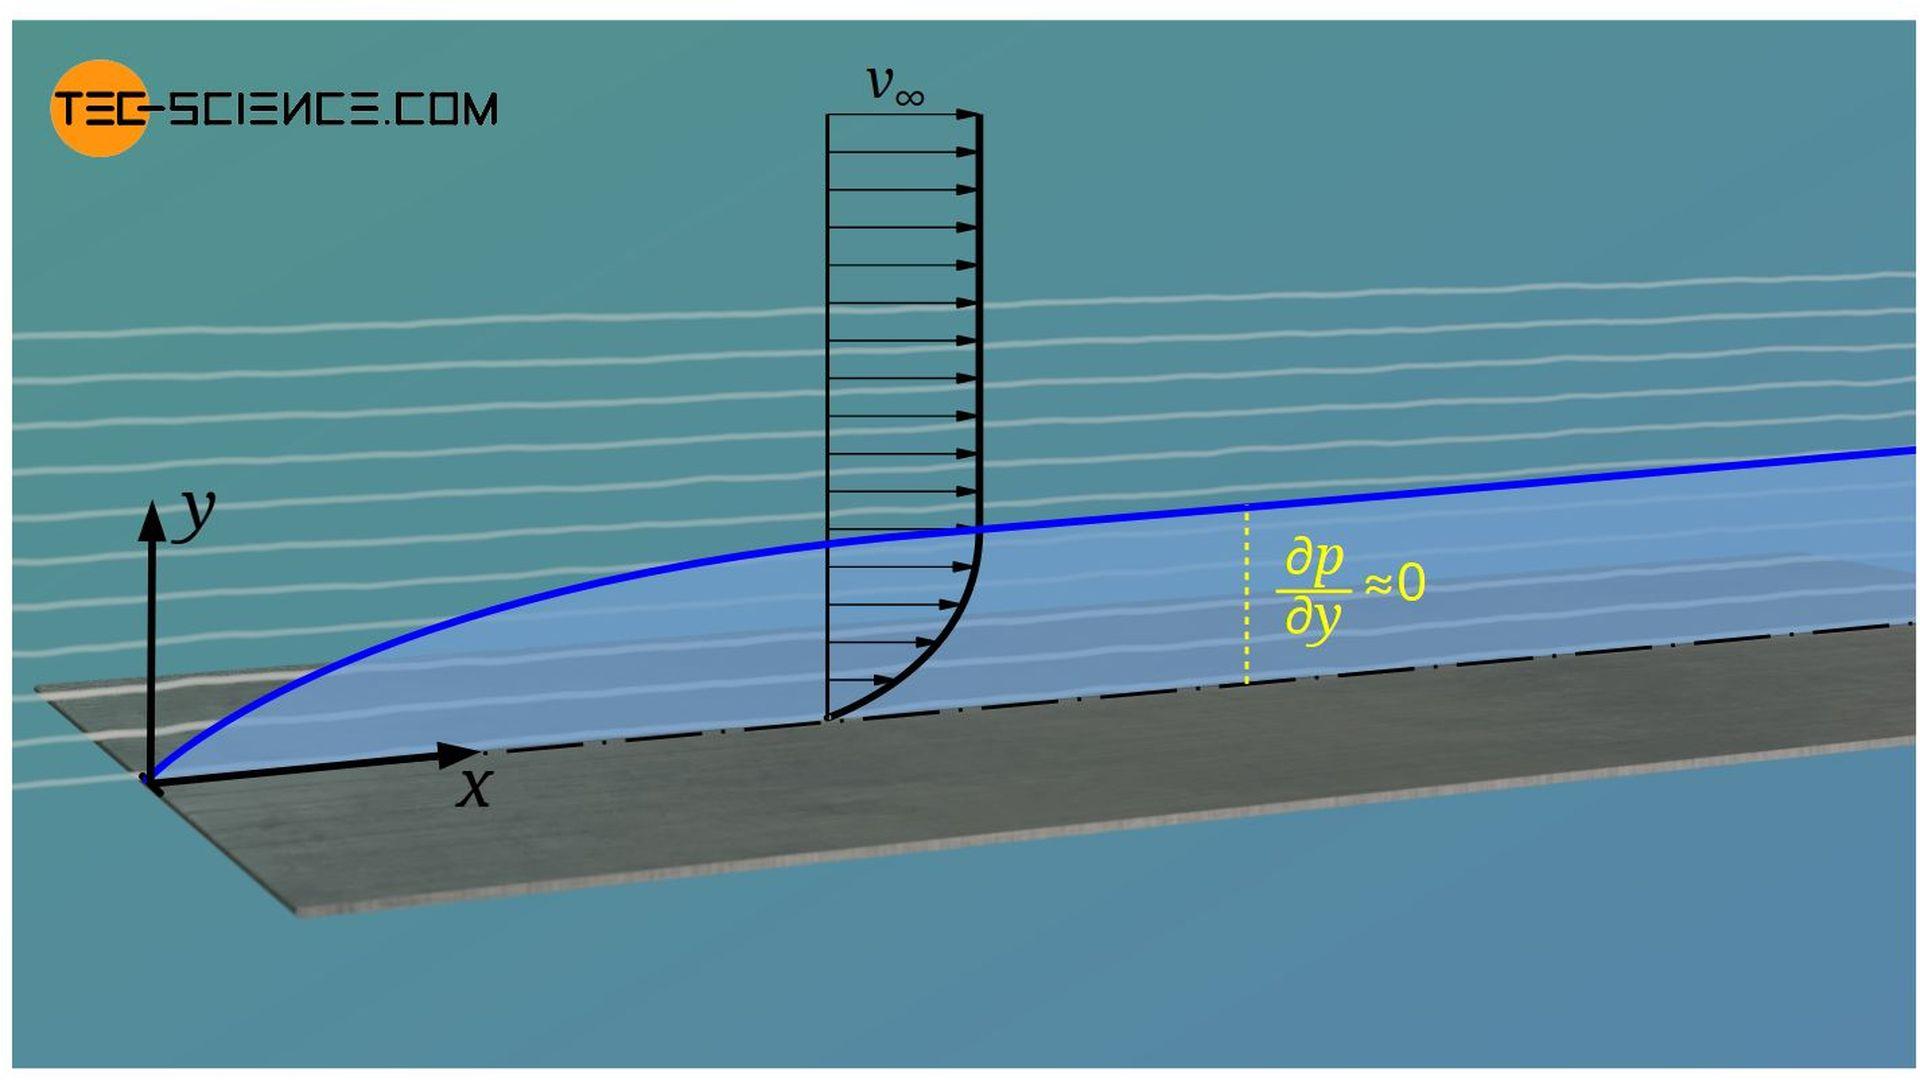 Druckgradient in der hydrodynamischen Grenzschicht senkrecht zur Platte